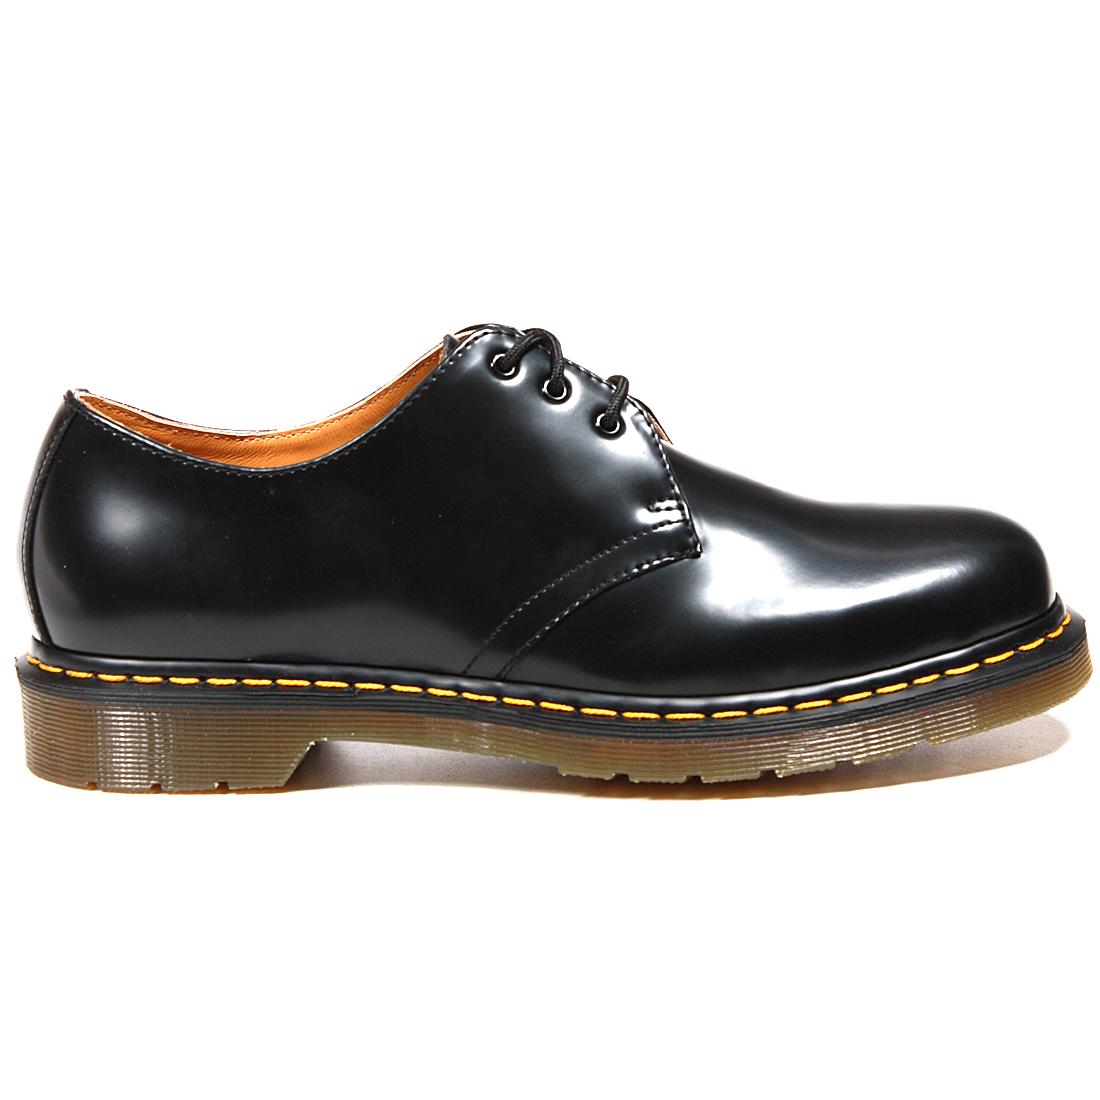 5f78fd9b0 полуботинки мужские Airbox, Мужской, черный, натуральная кожа, CHMT A002P  Black за 5998.00р. в интернет-магазине Shoes.ru